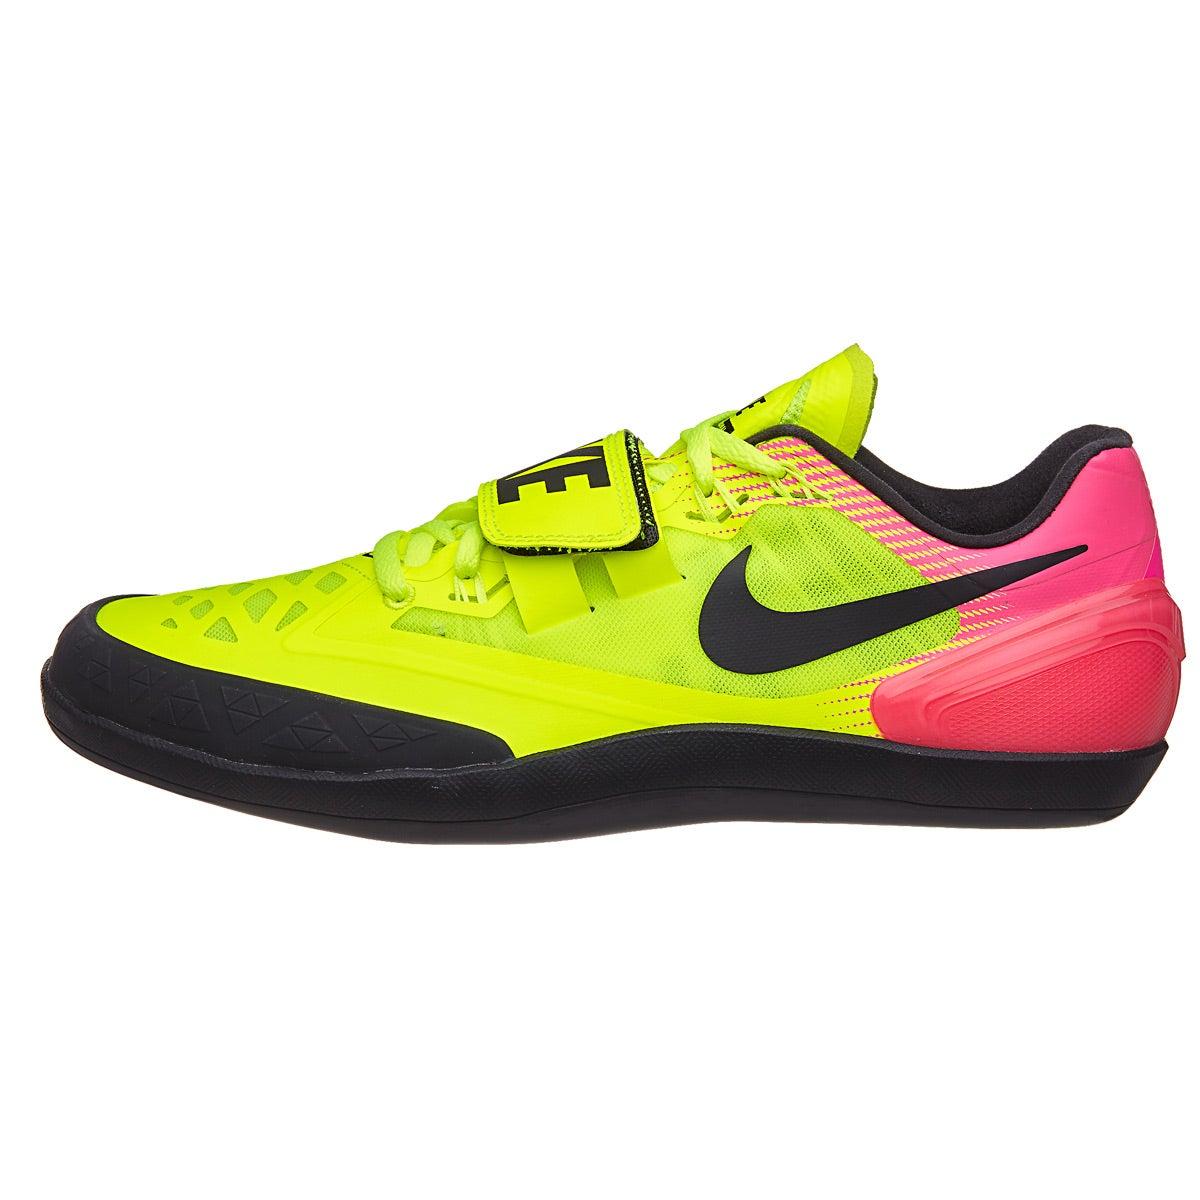 nike zoom rotational throwing Nike air max destiny. 336c872b3